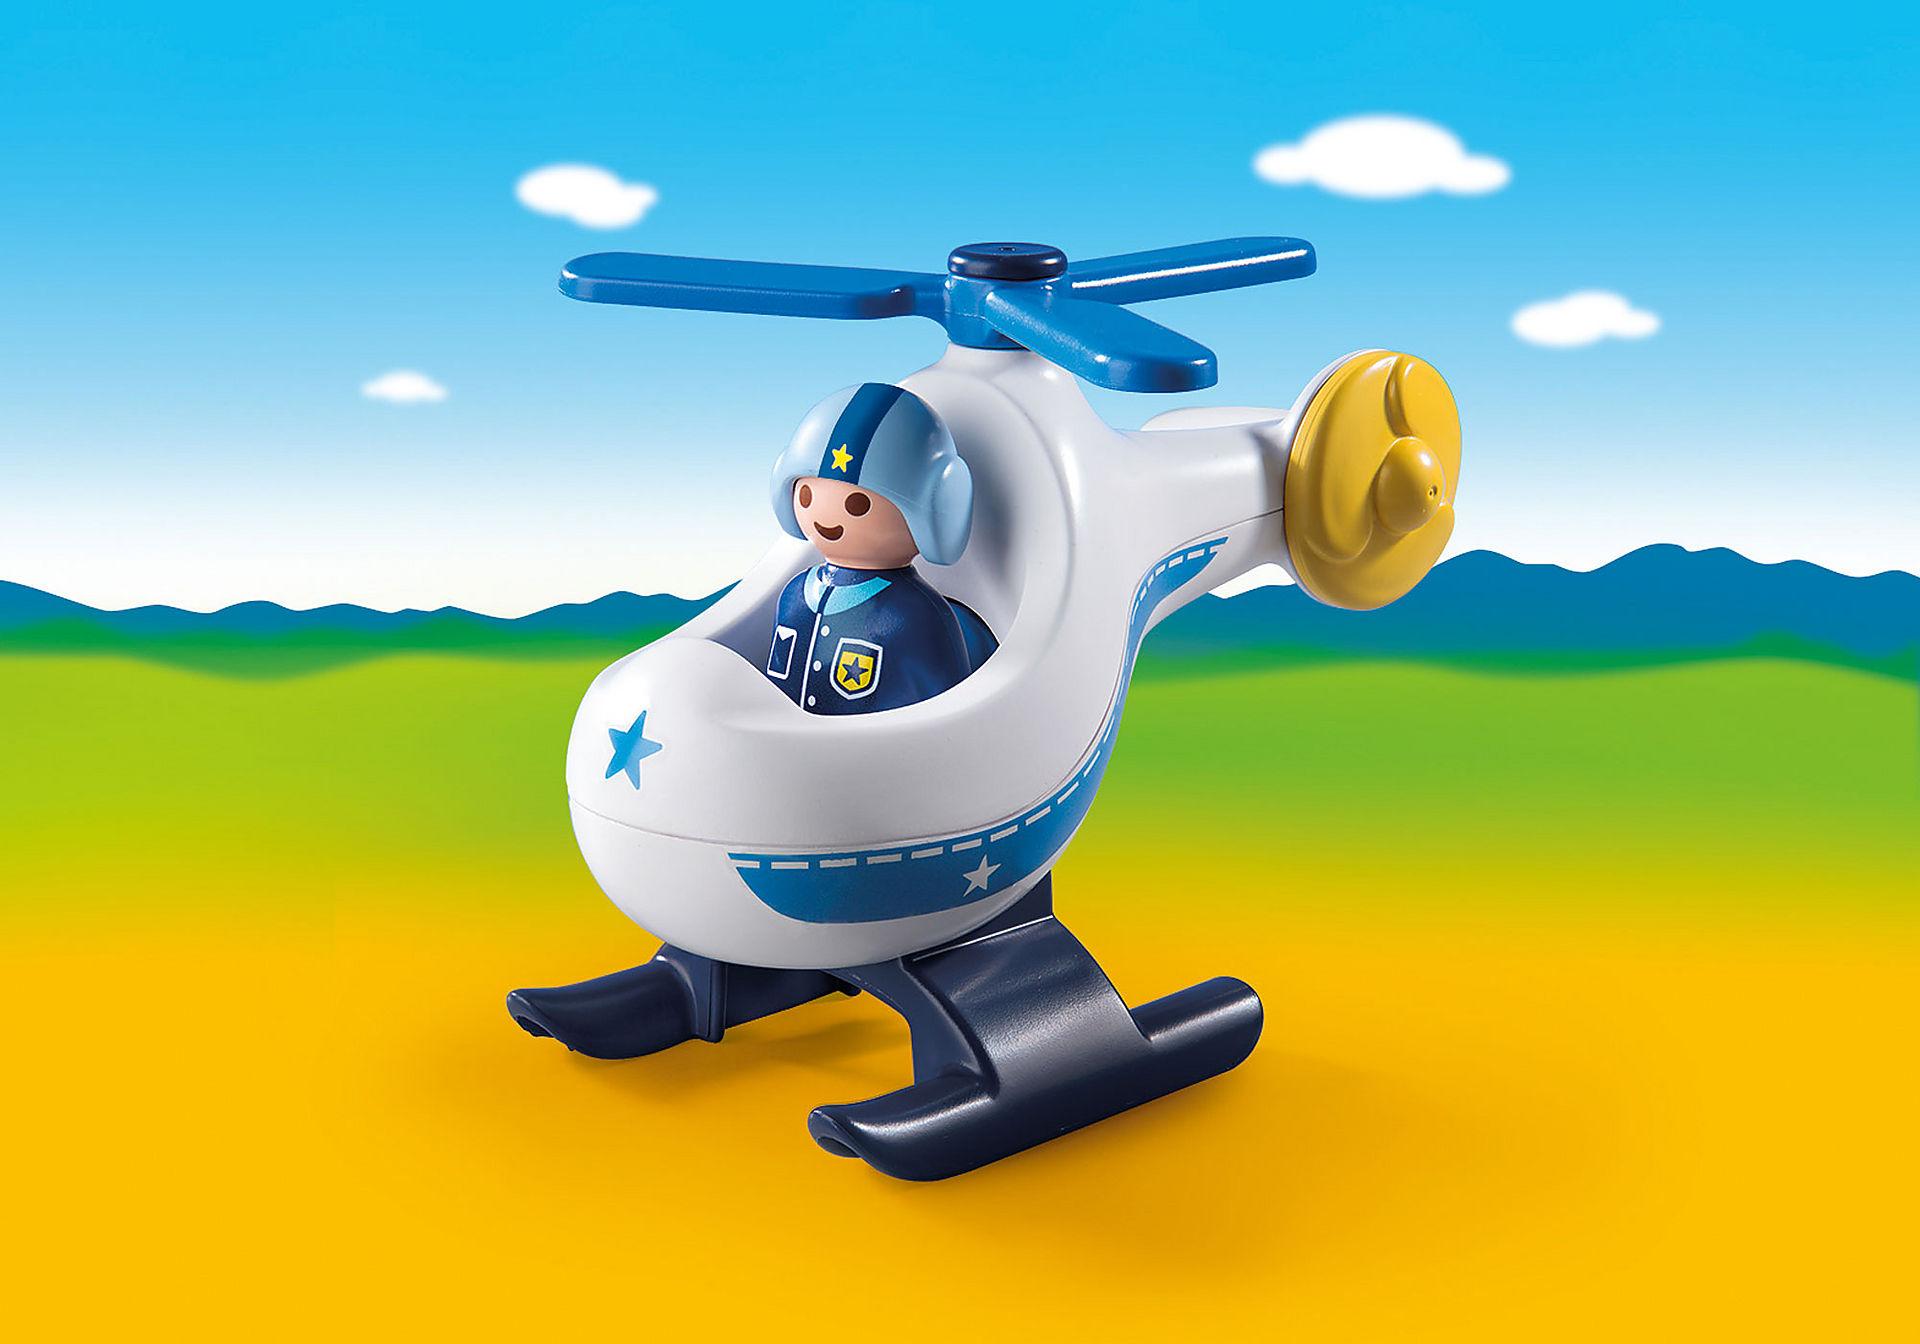 9383 Elicottero della Polizia 1.2.3 zoom image1